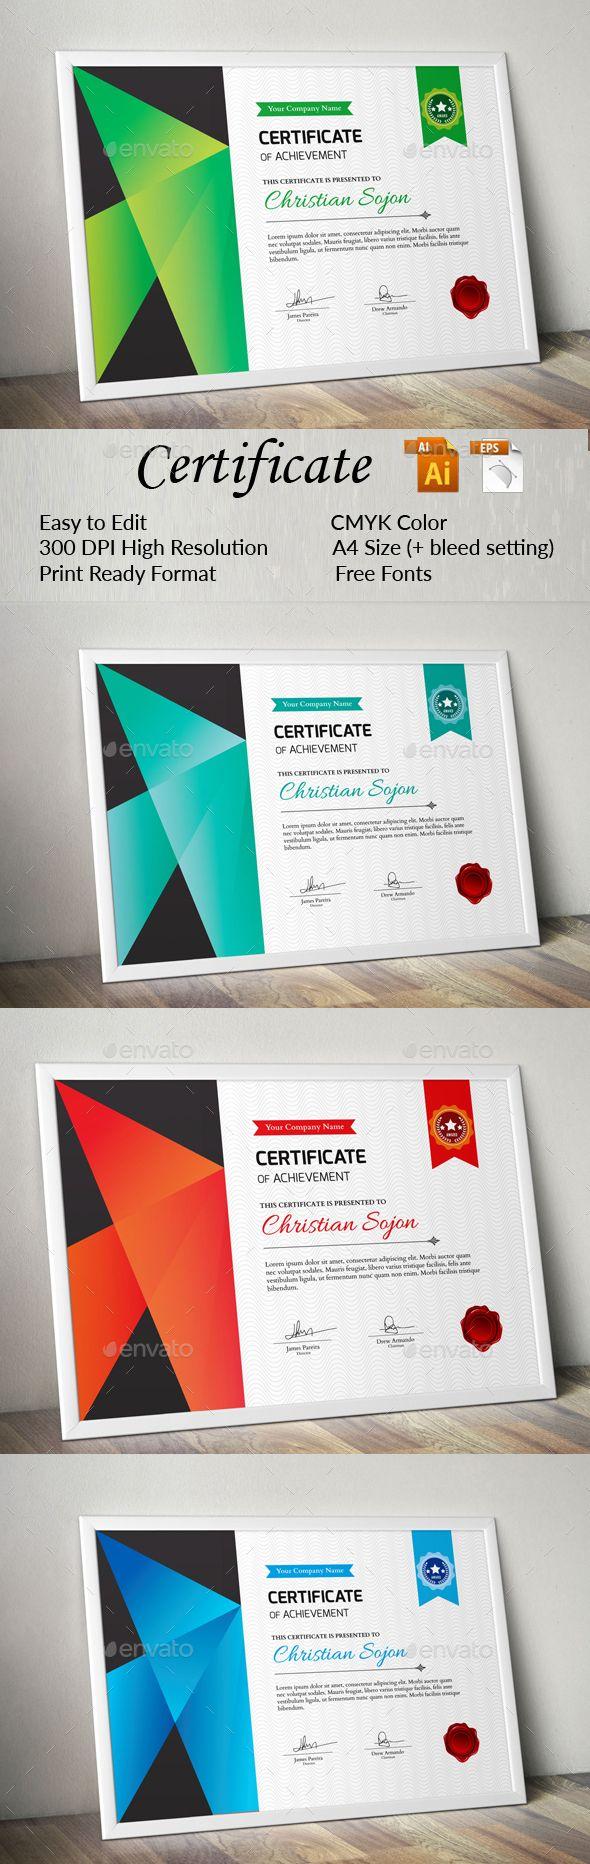 Pin von Maria Alena auf Modern Certificate Design | Pinterest